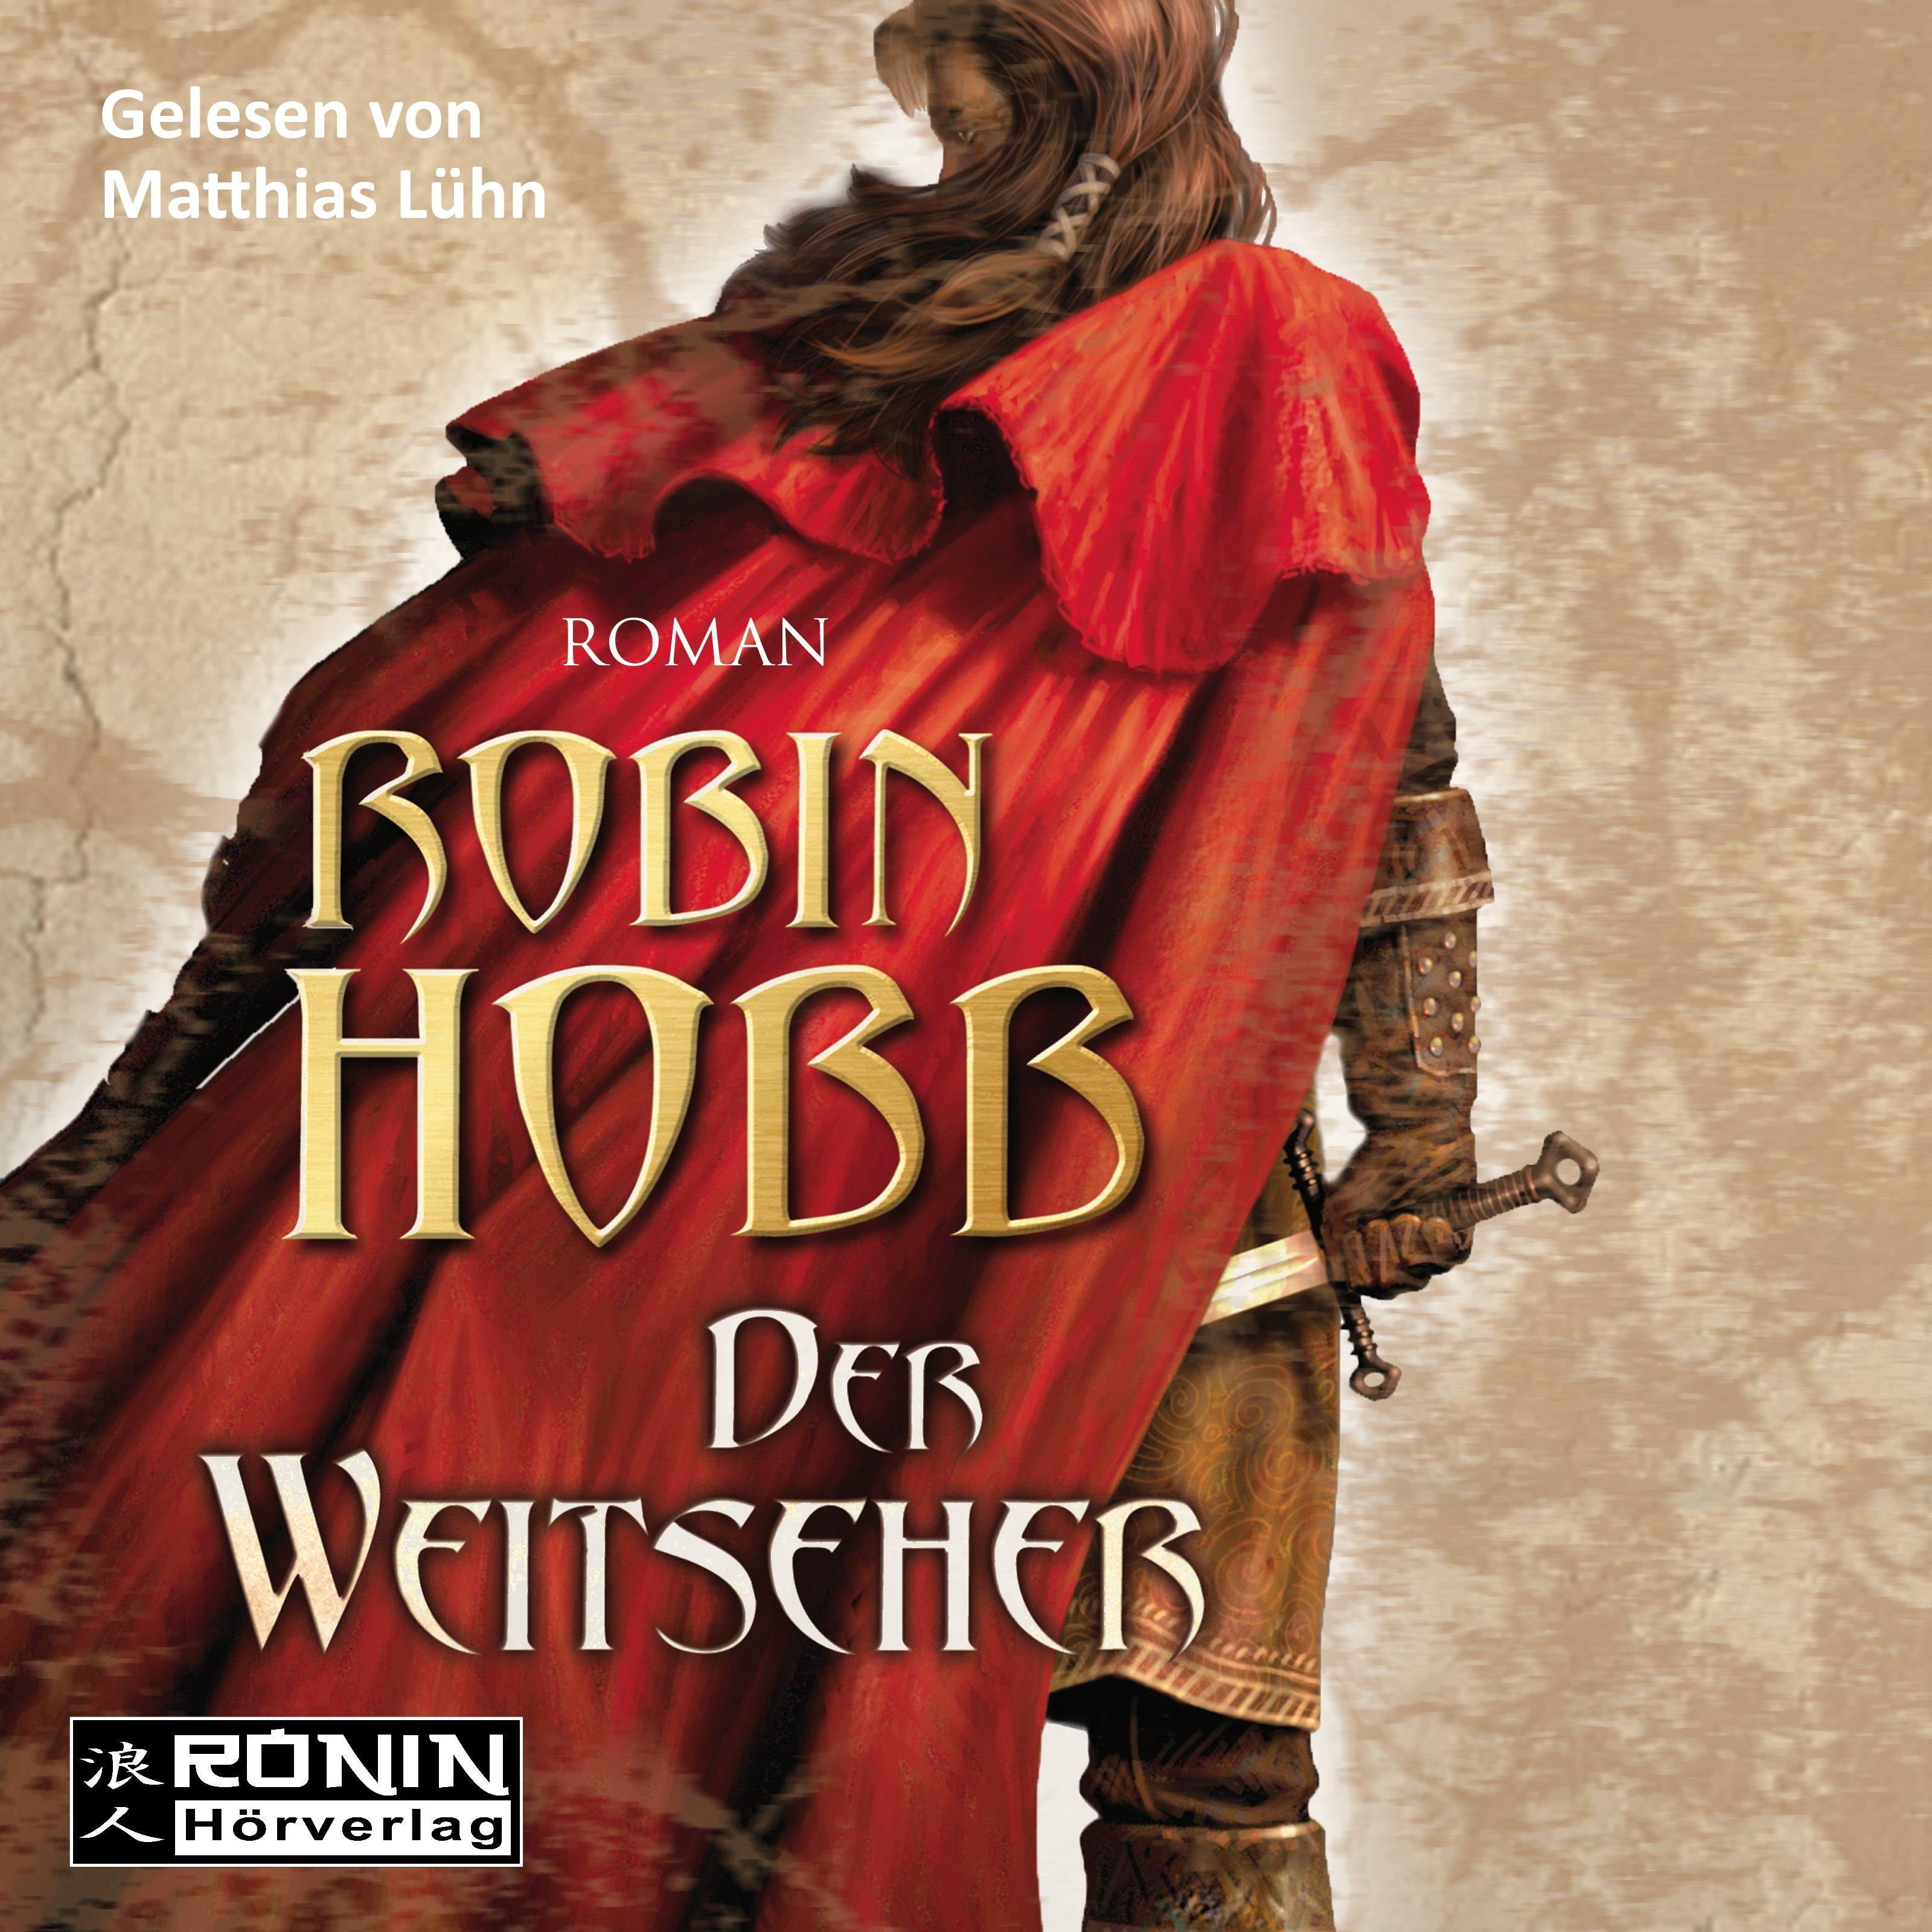 """Robin Hobb – """"Der Weitseher (Die Weitseher-Trilogie 1)"""""""